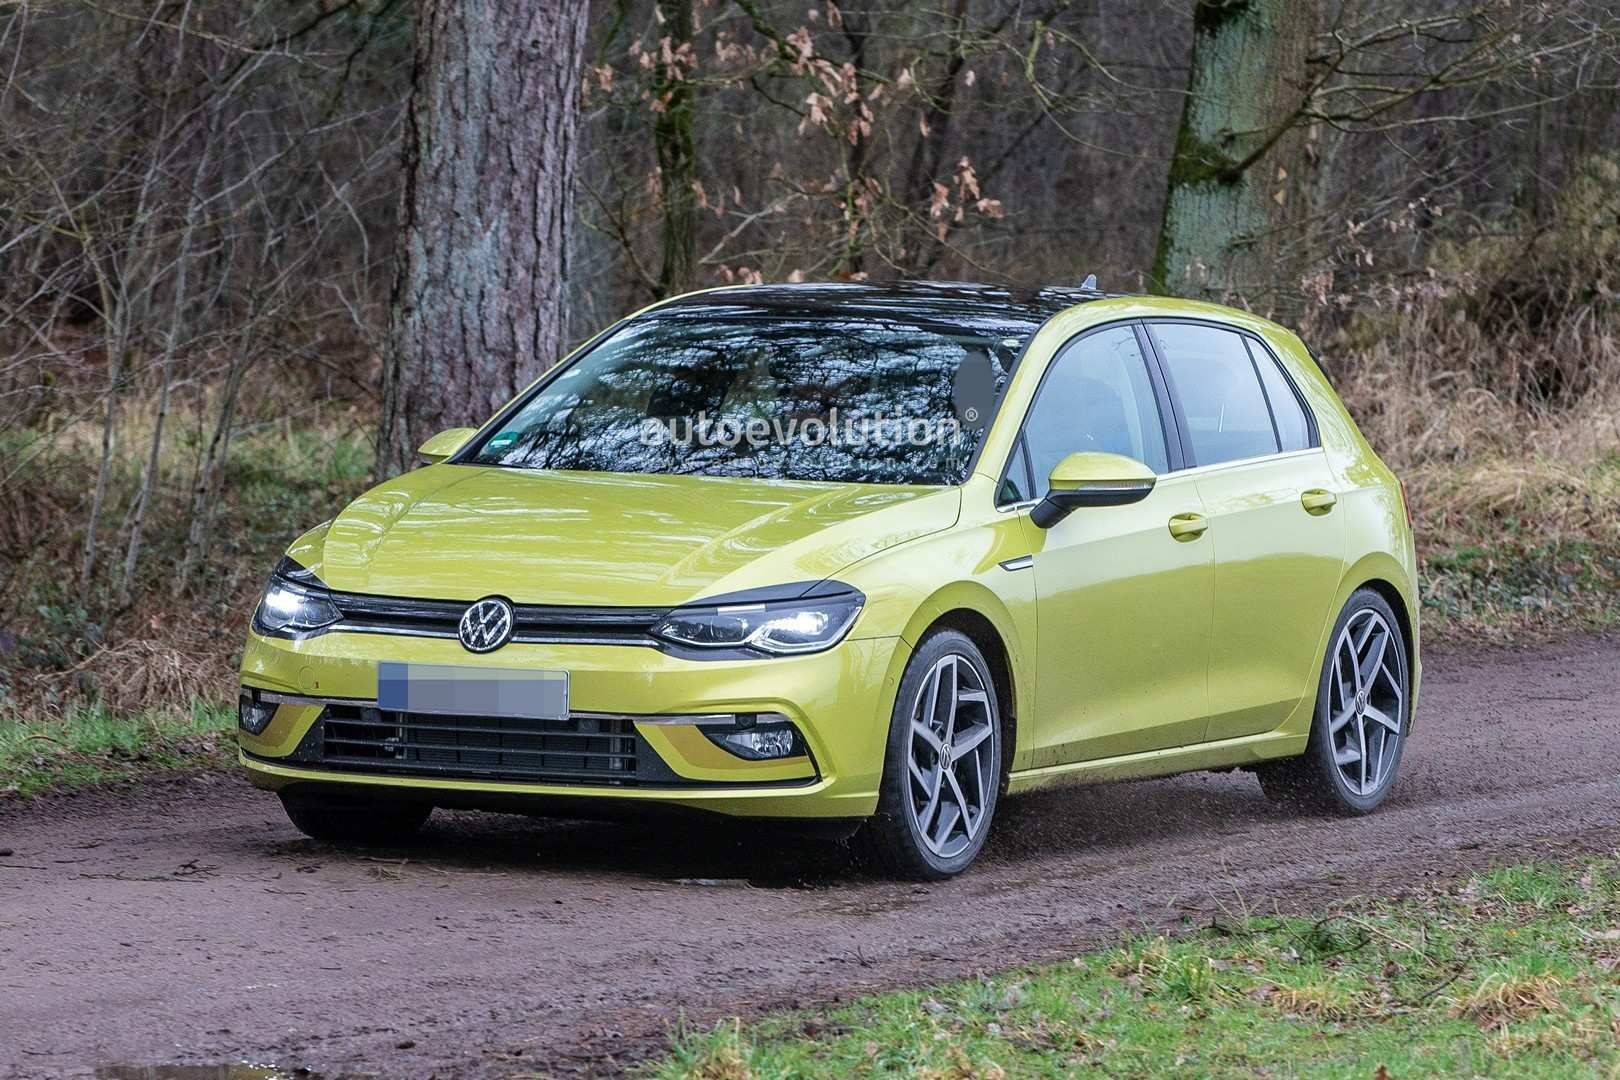 83 Concept of 2020 Volkswagen Golf Release Date Rumors with 2020 Volkswagen Golf Release Date